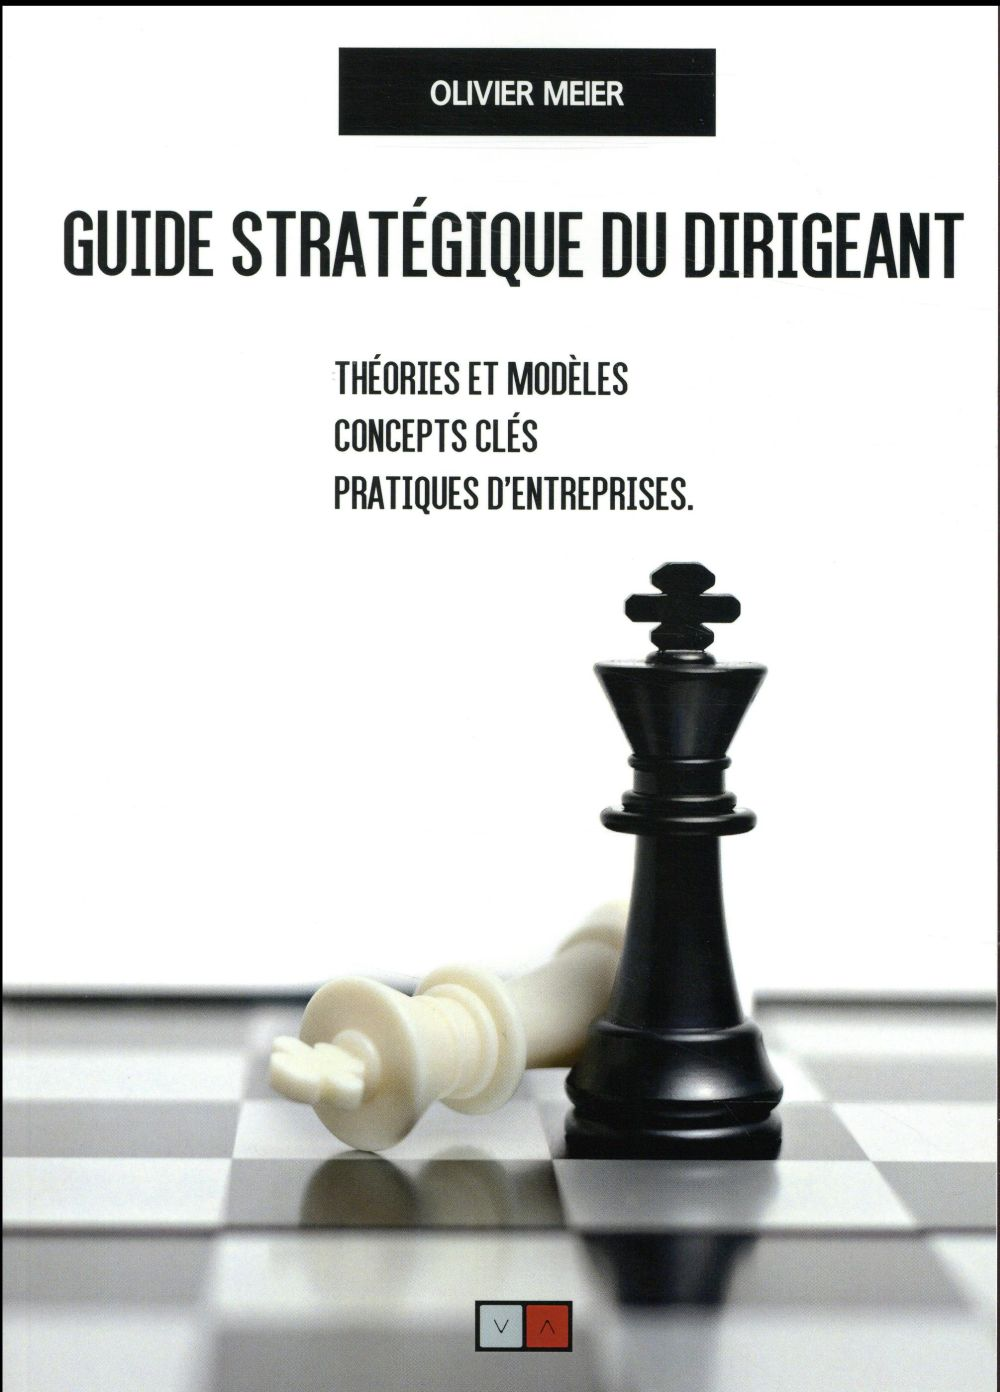 Guide stratégique du dirigeant